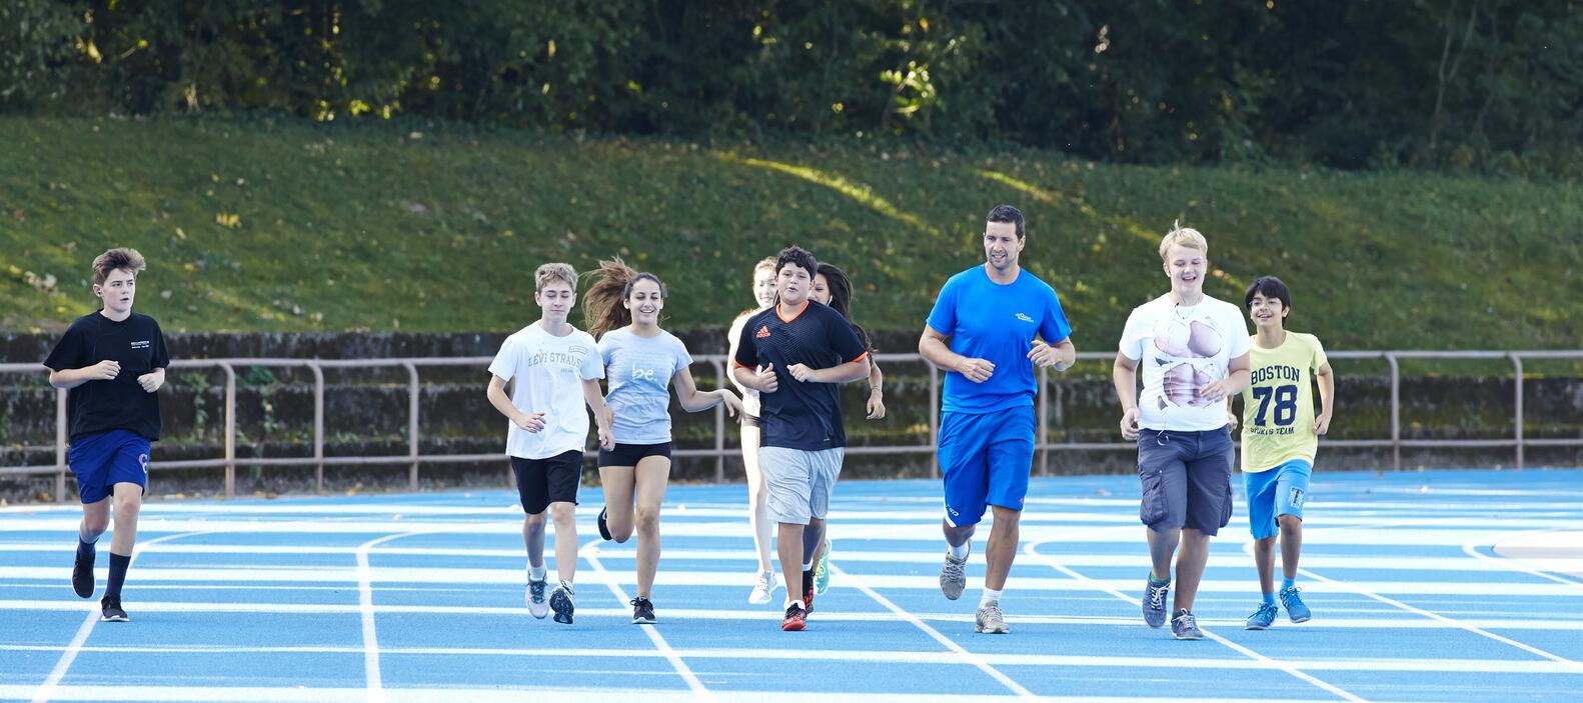 Jogging-694190-edited.jpg